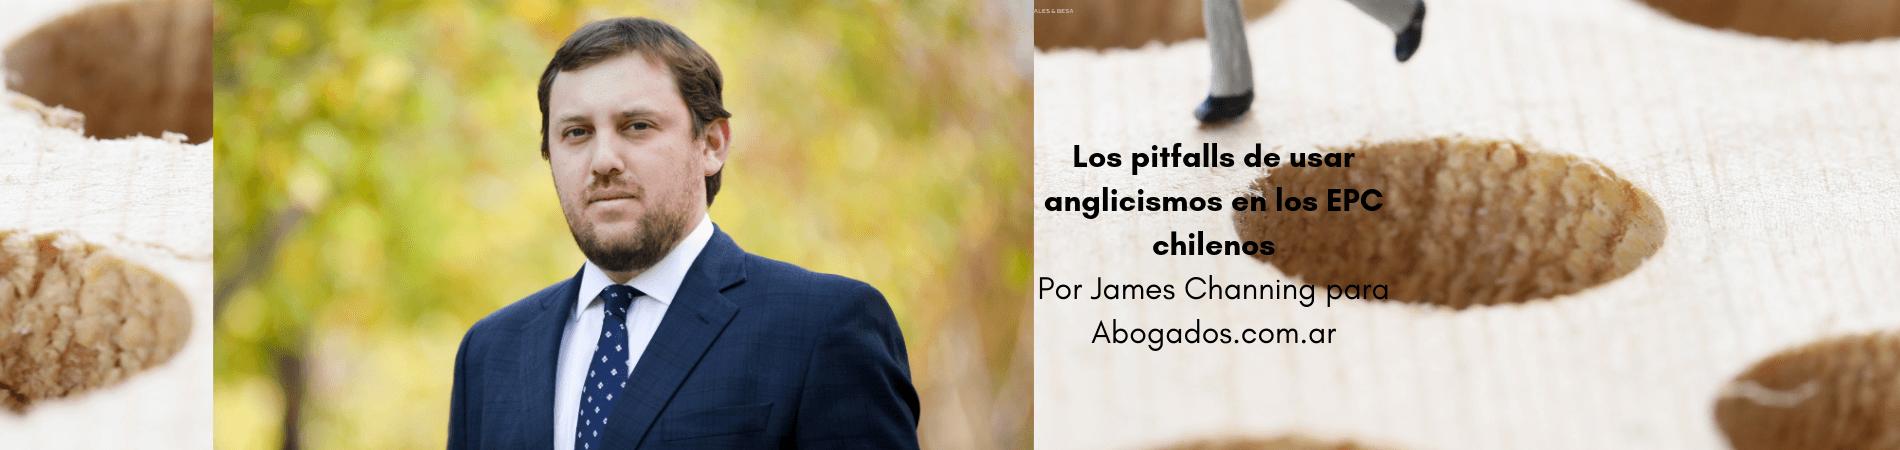 """James Channing en Abogados.com.ar – """"Los 'pitfalls' de usar anglicismos en los EPC chilenos"""""""